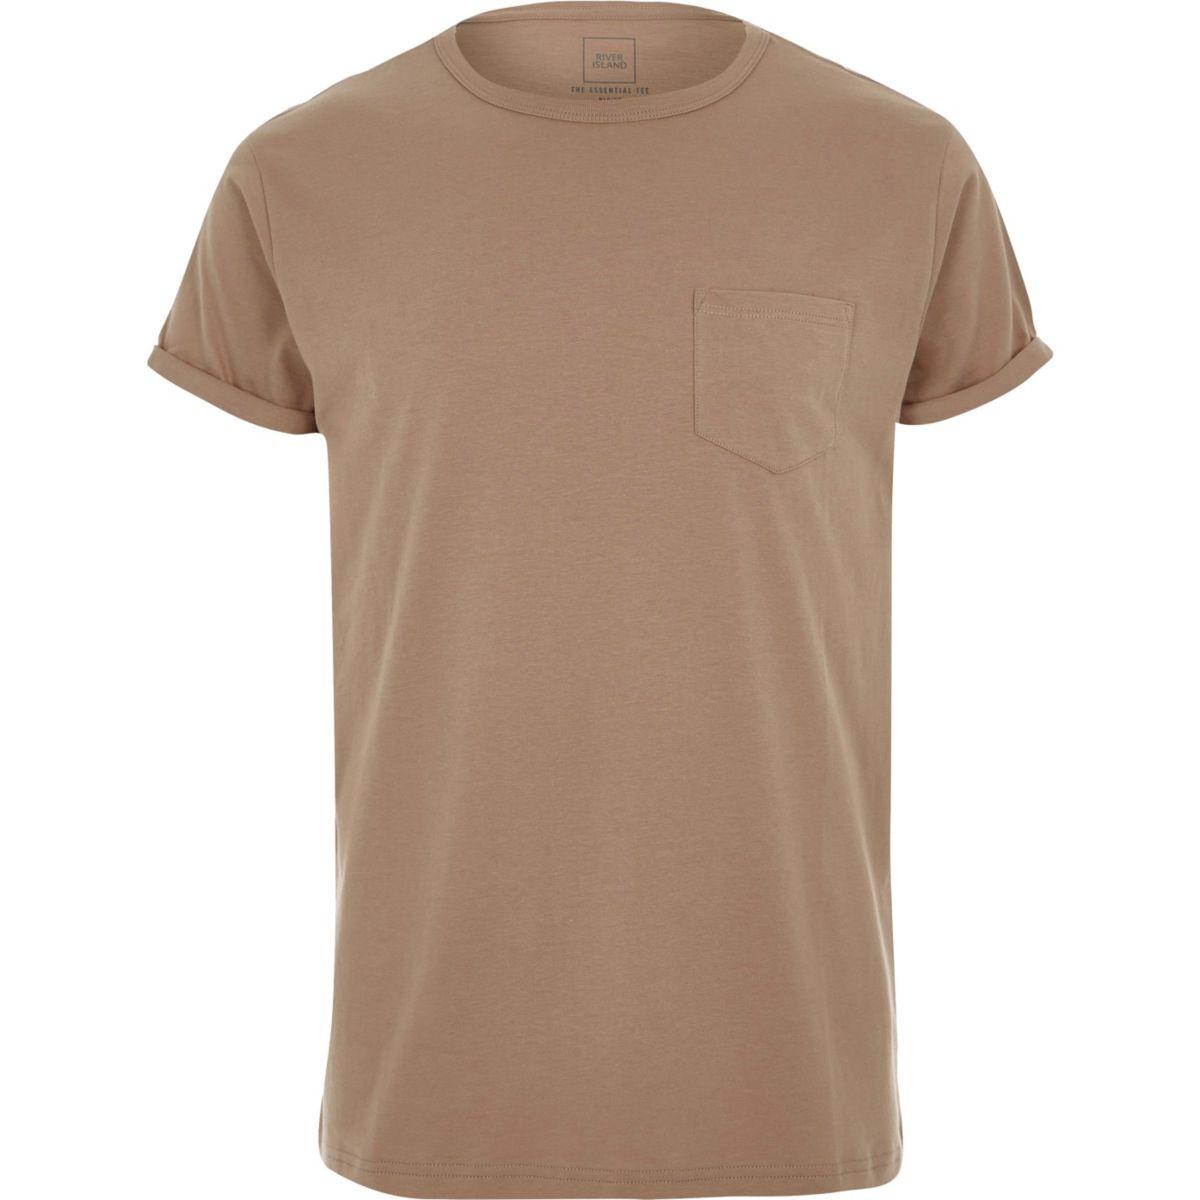 Camel rolled sleeve pocket T-shirt